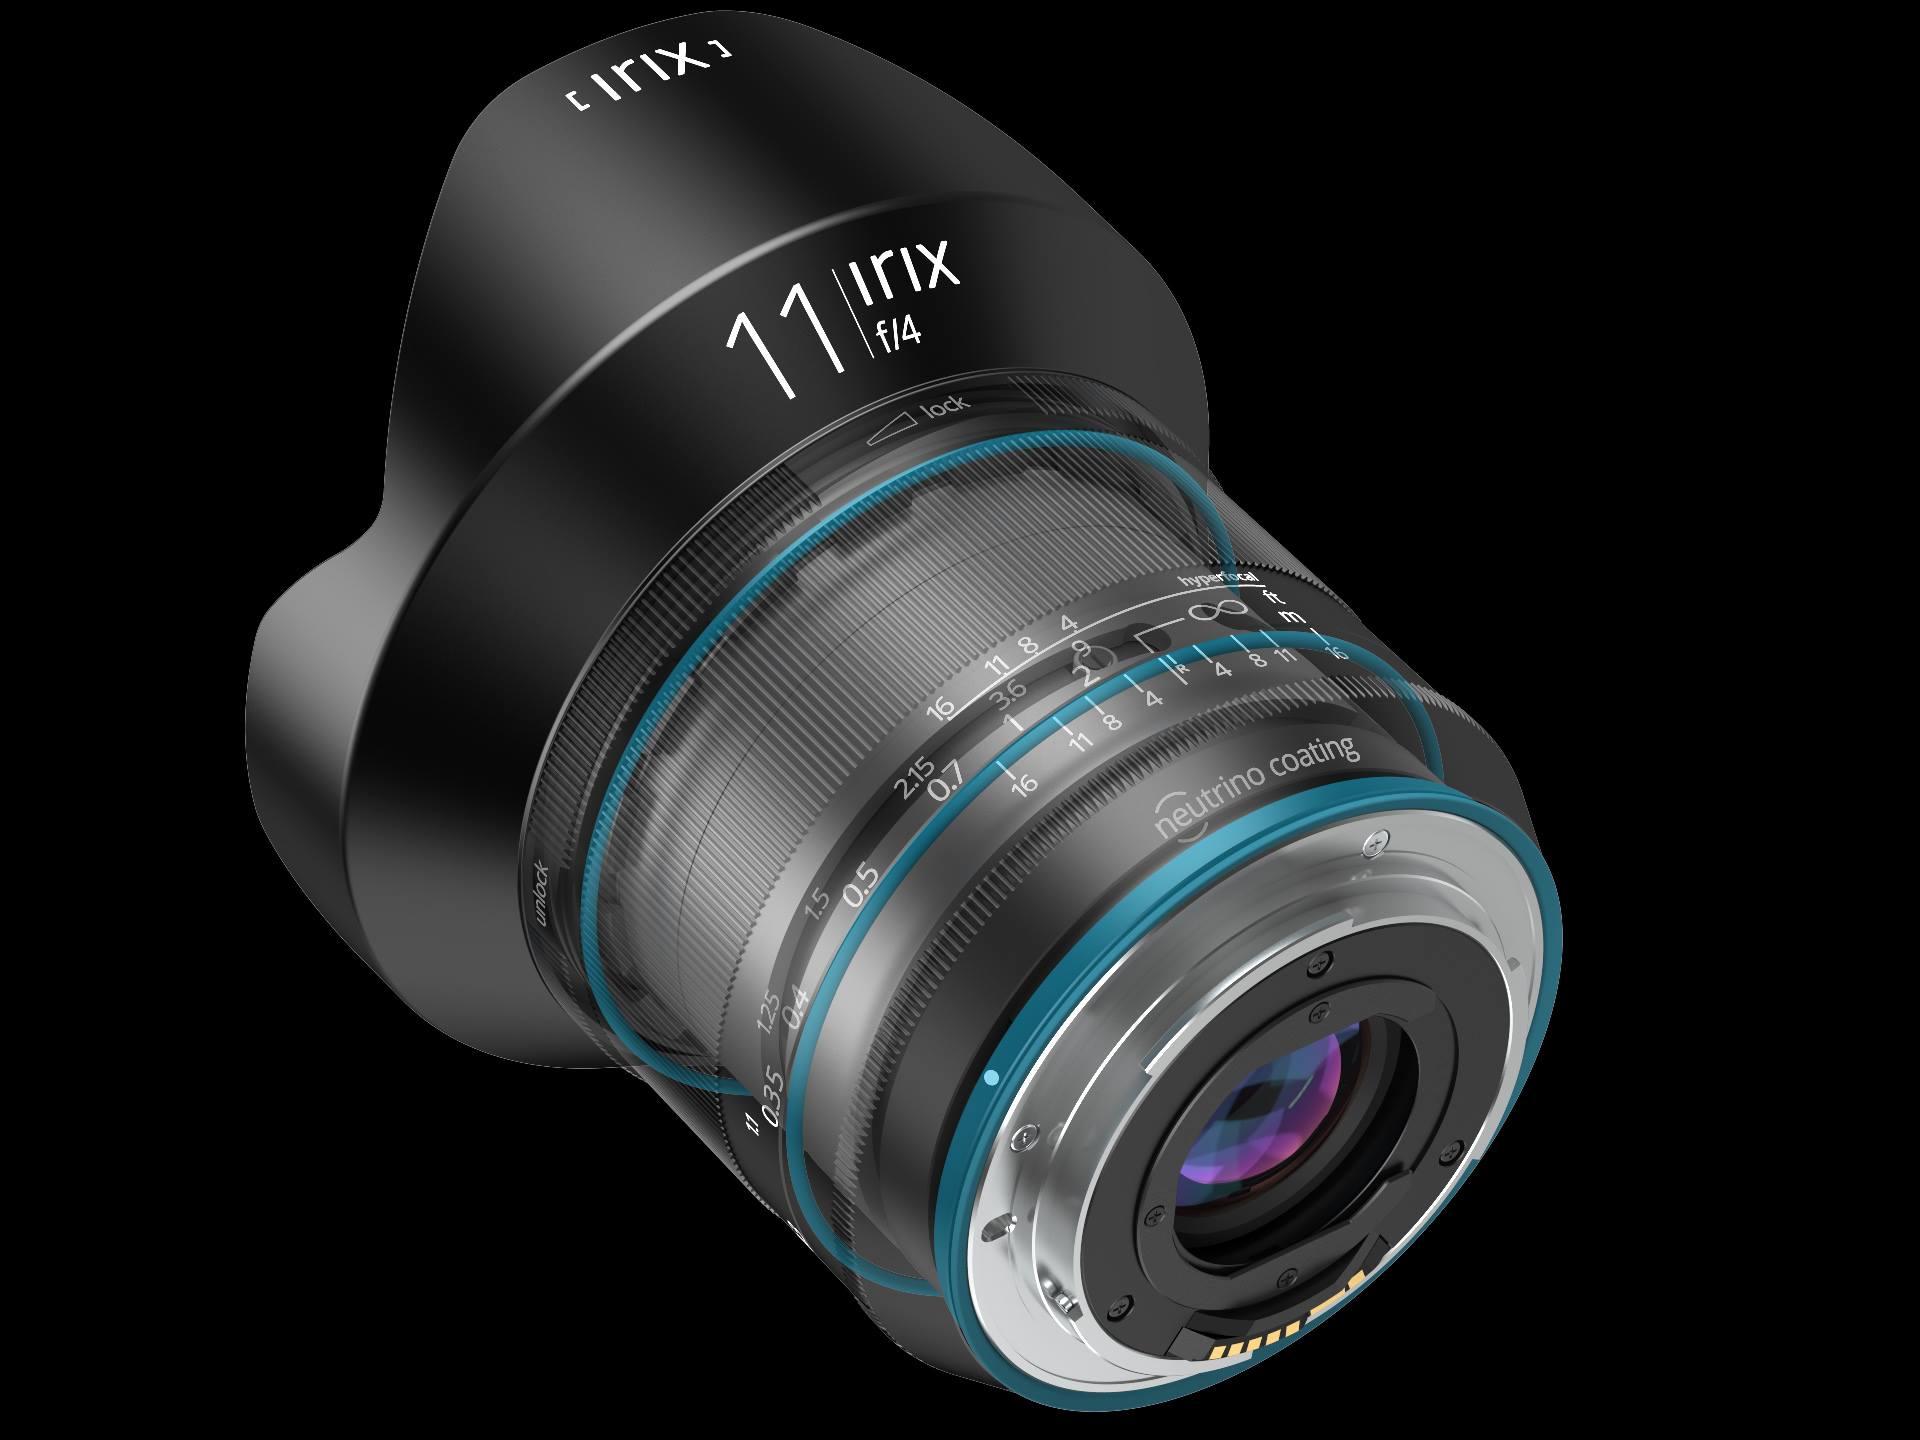 Irix-11mm-f4-full-frame-lens-for-DSLR-cameras4